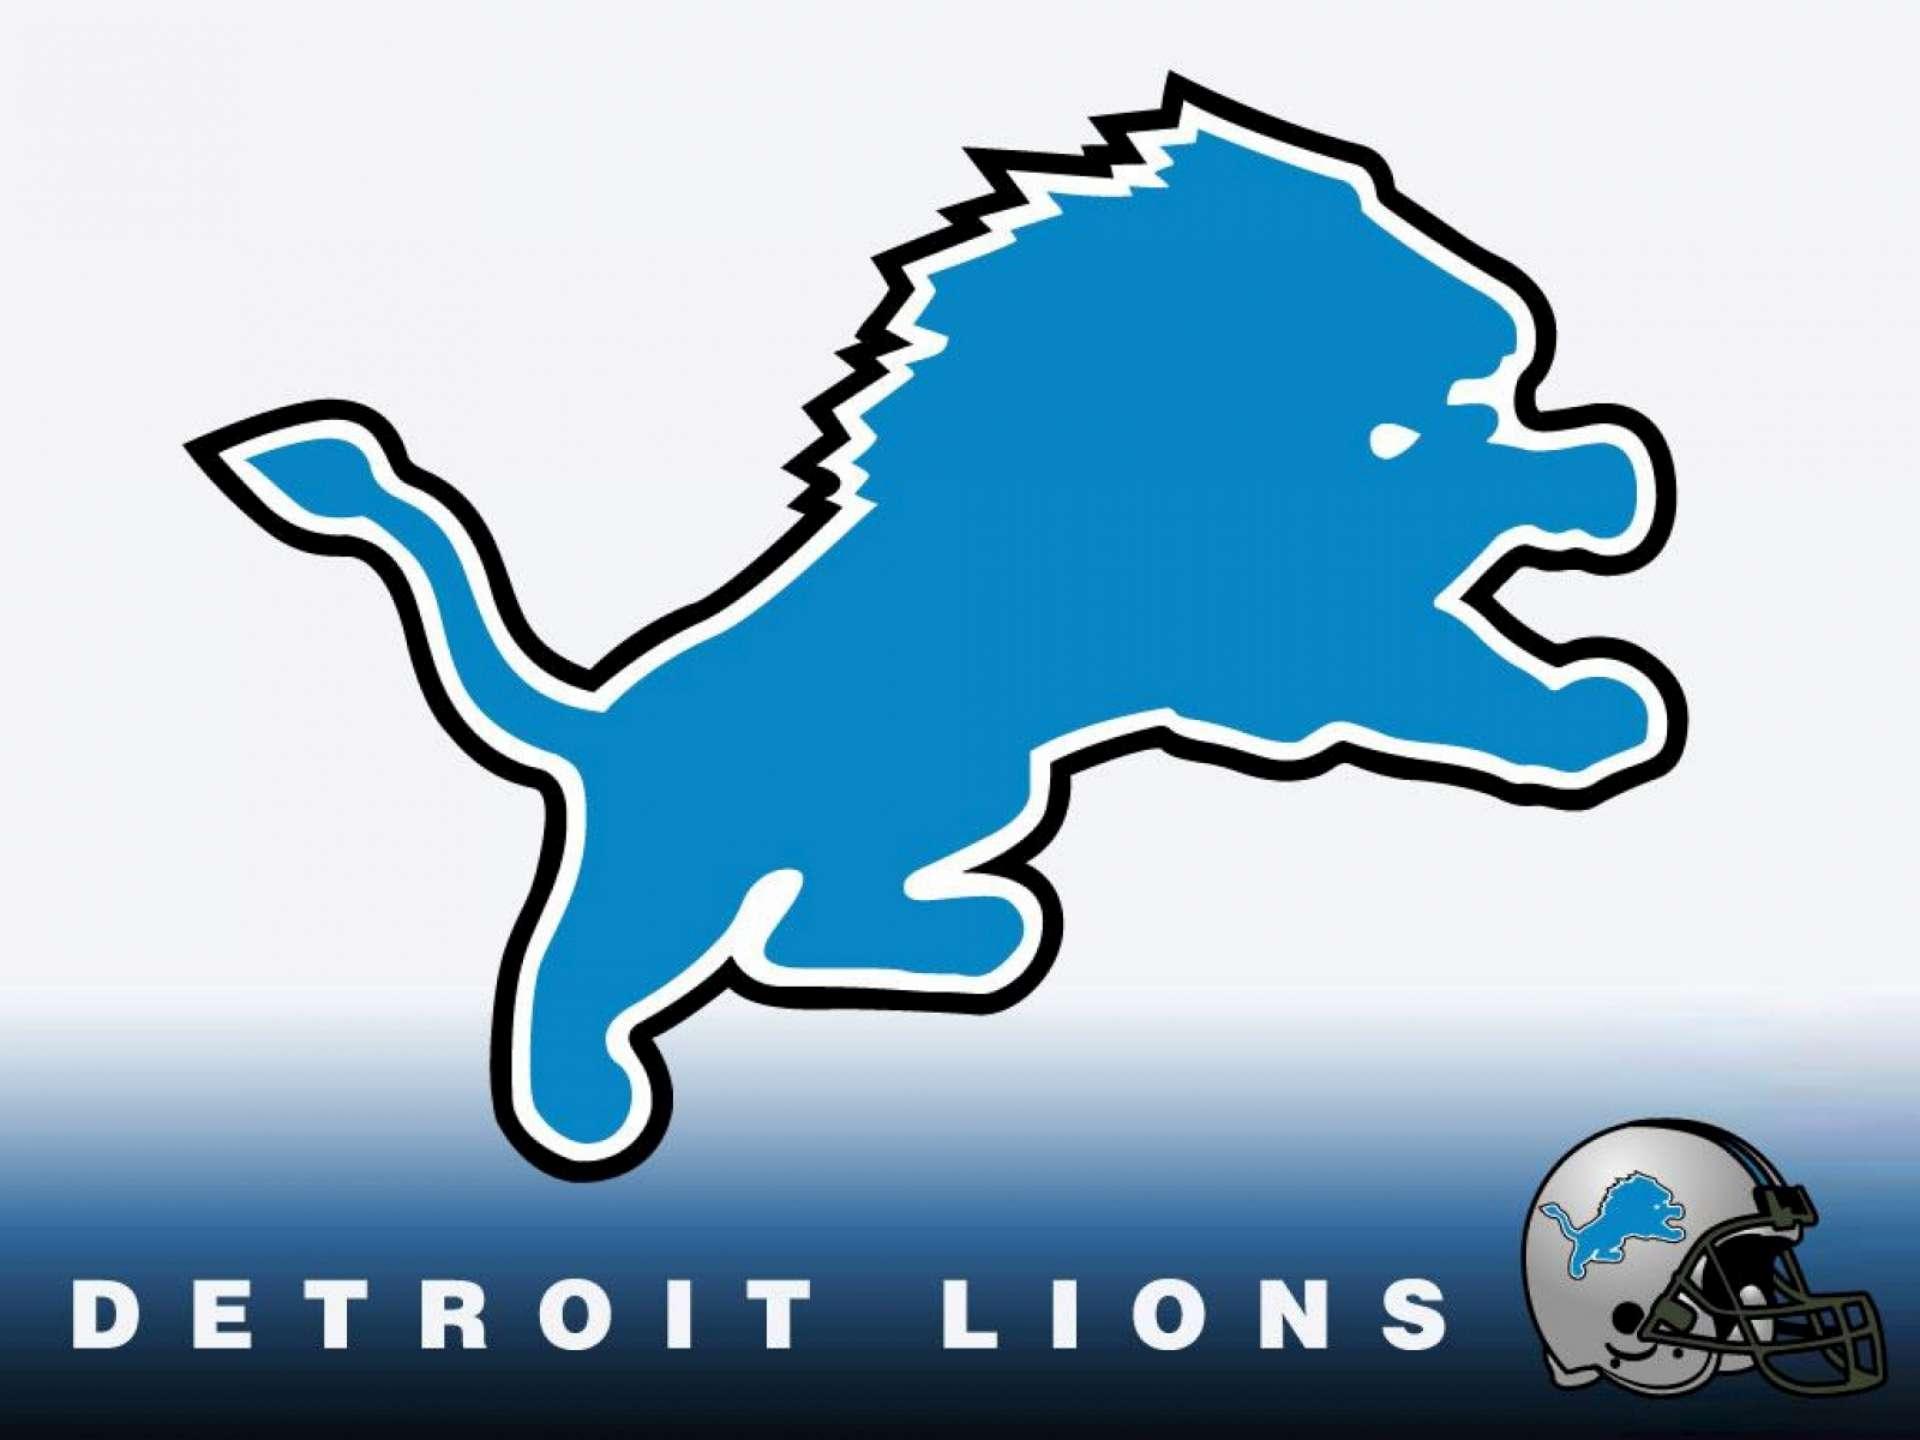 Detroit Lions Logo HD Wallpaper